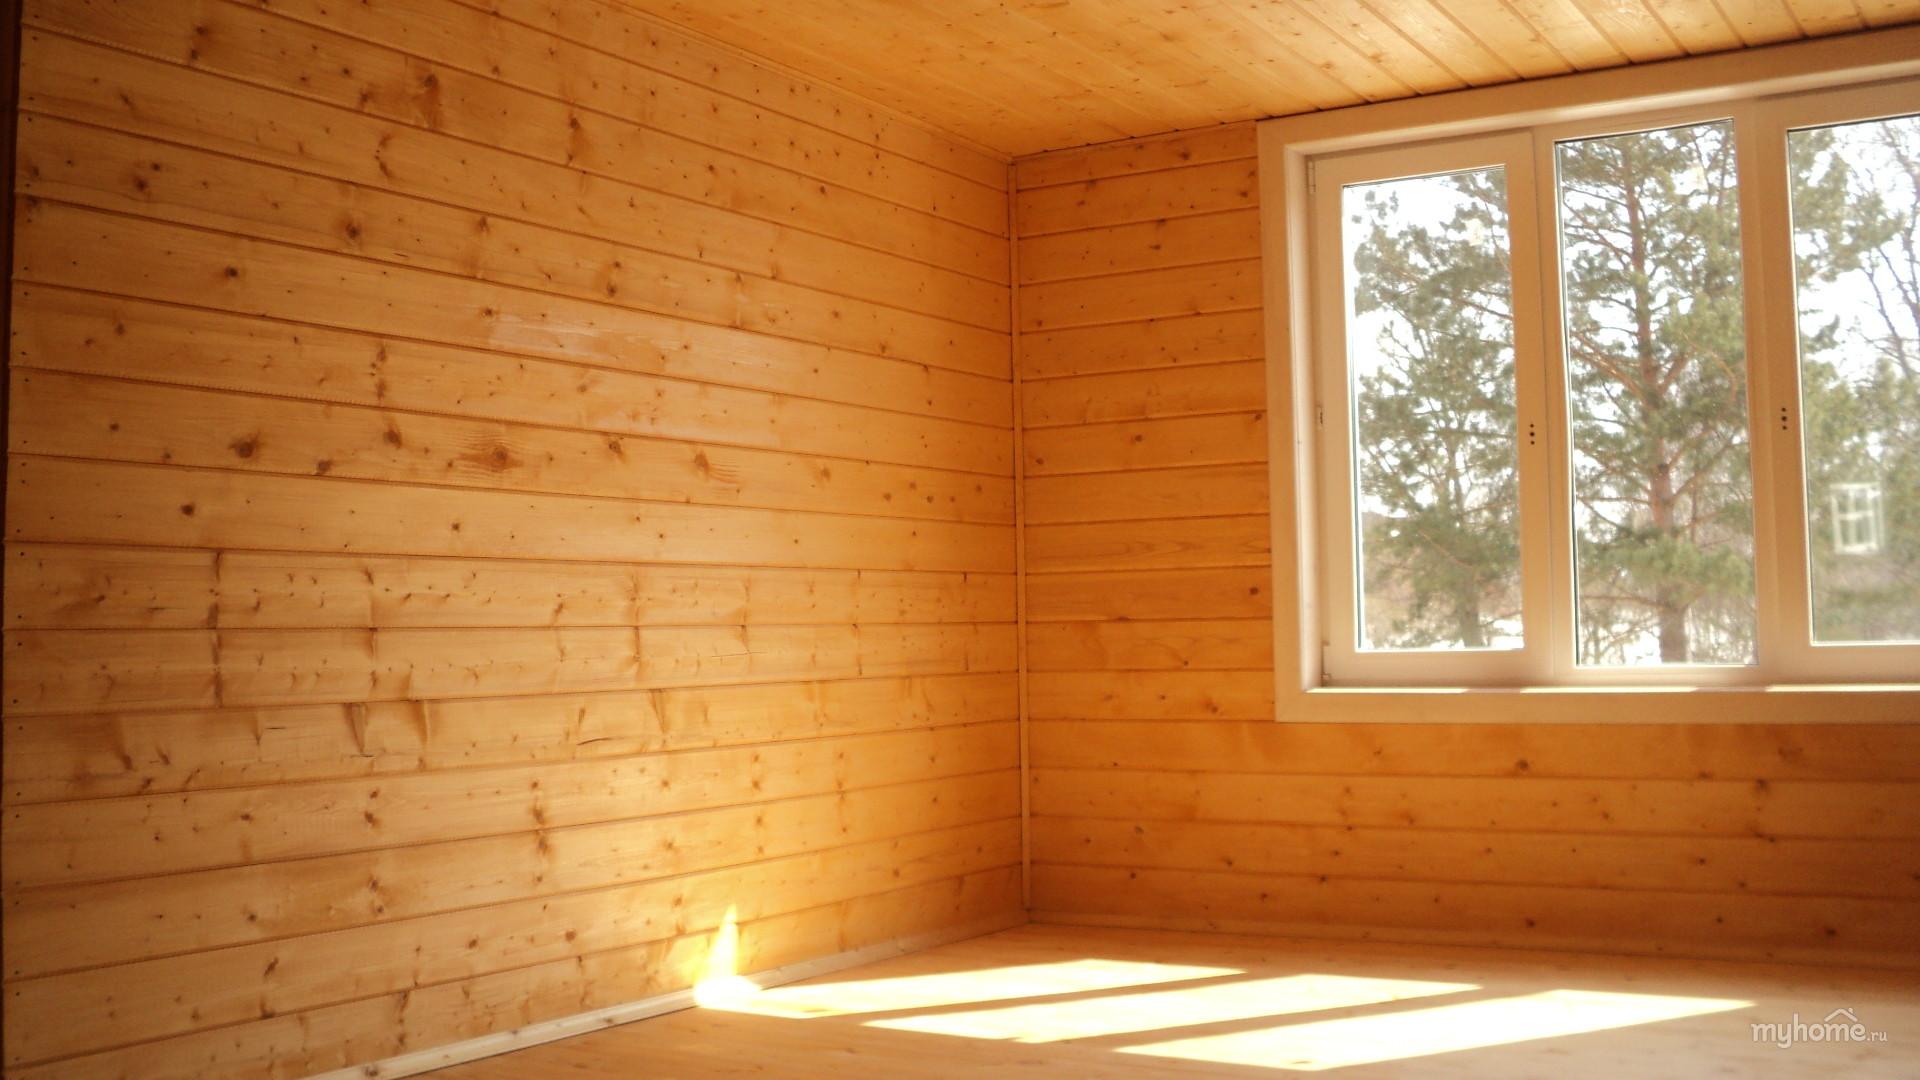 облицовка внутренних стен вагонка деревянная страхование